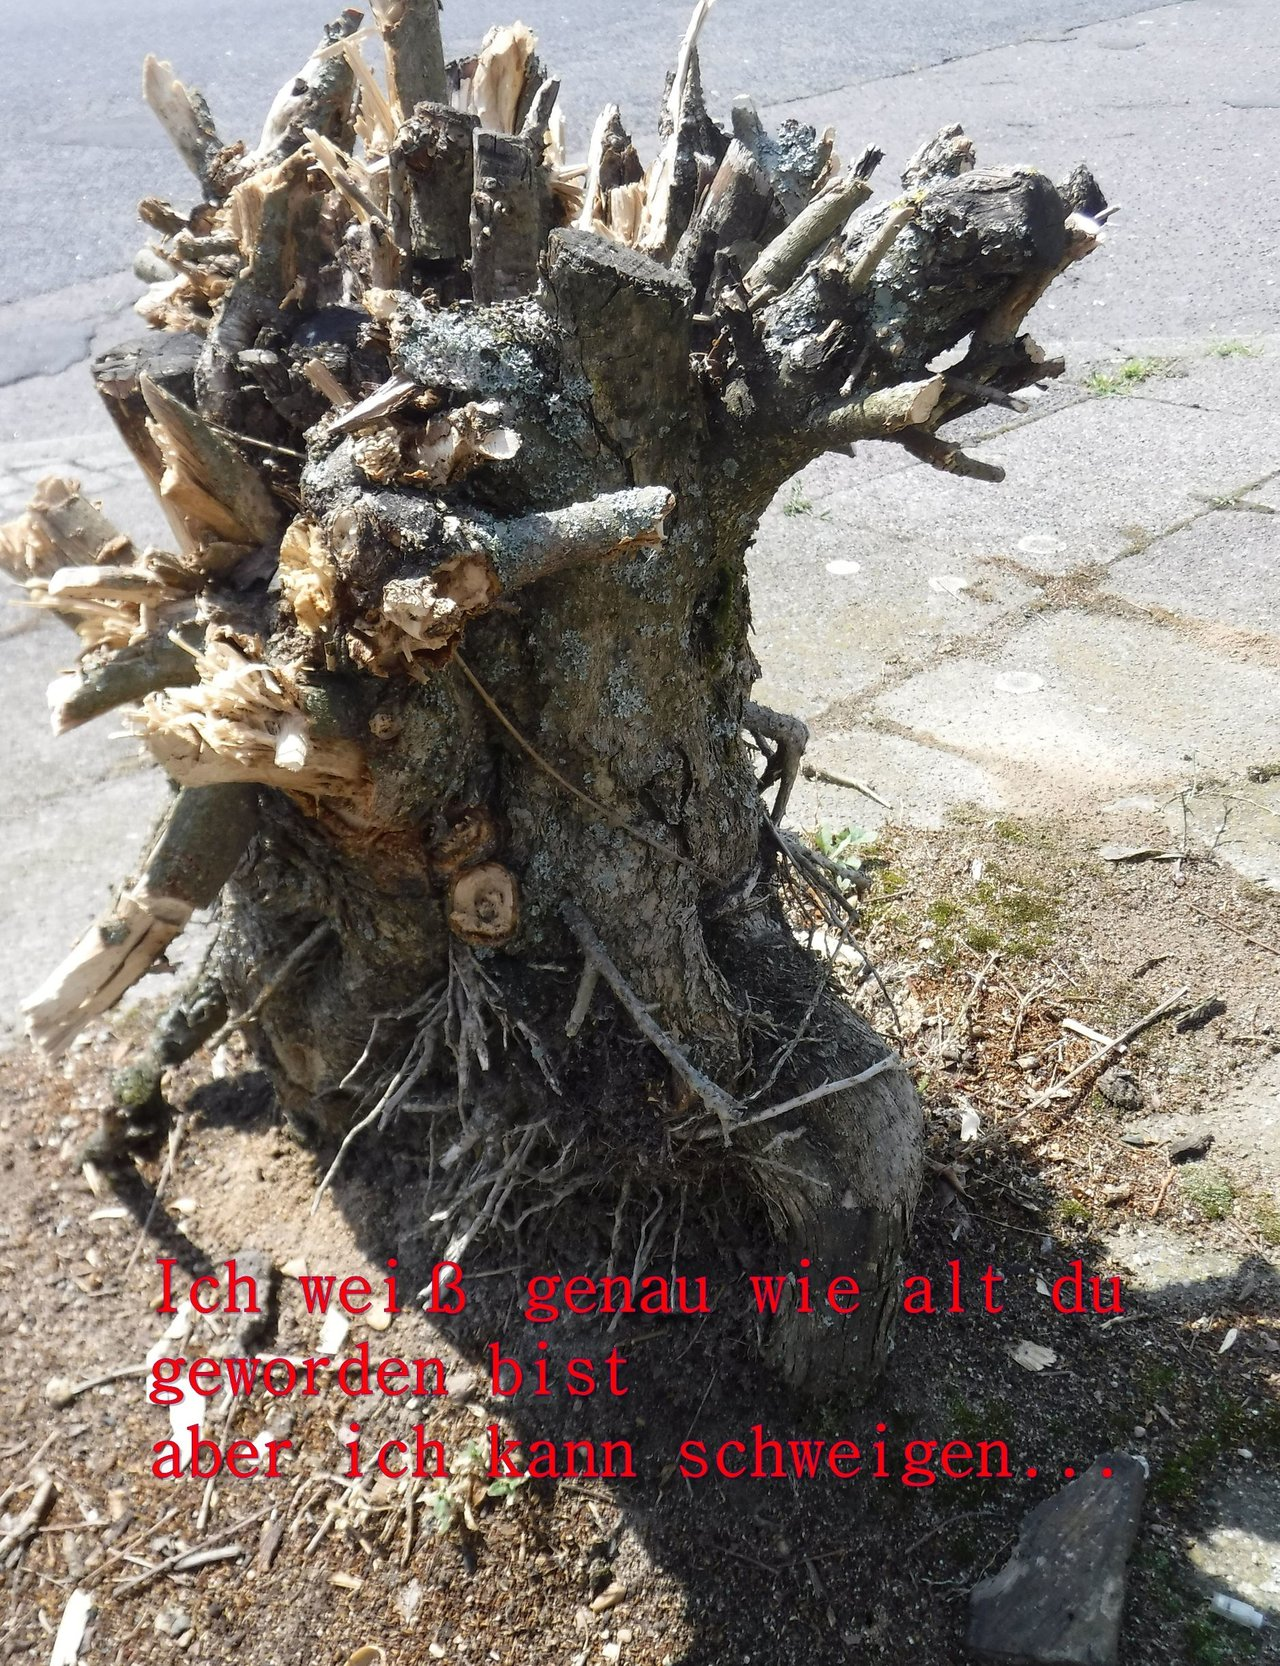 http://up.picr.de/29752135df.jpg